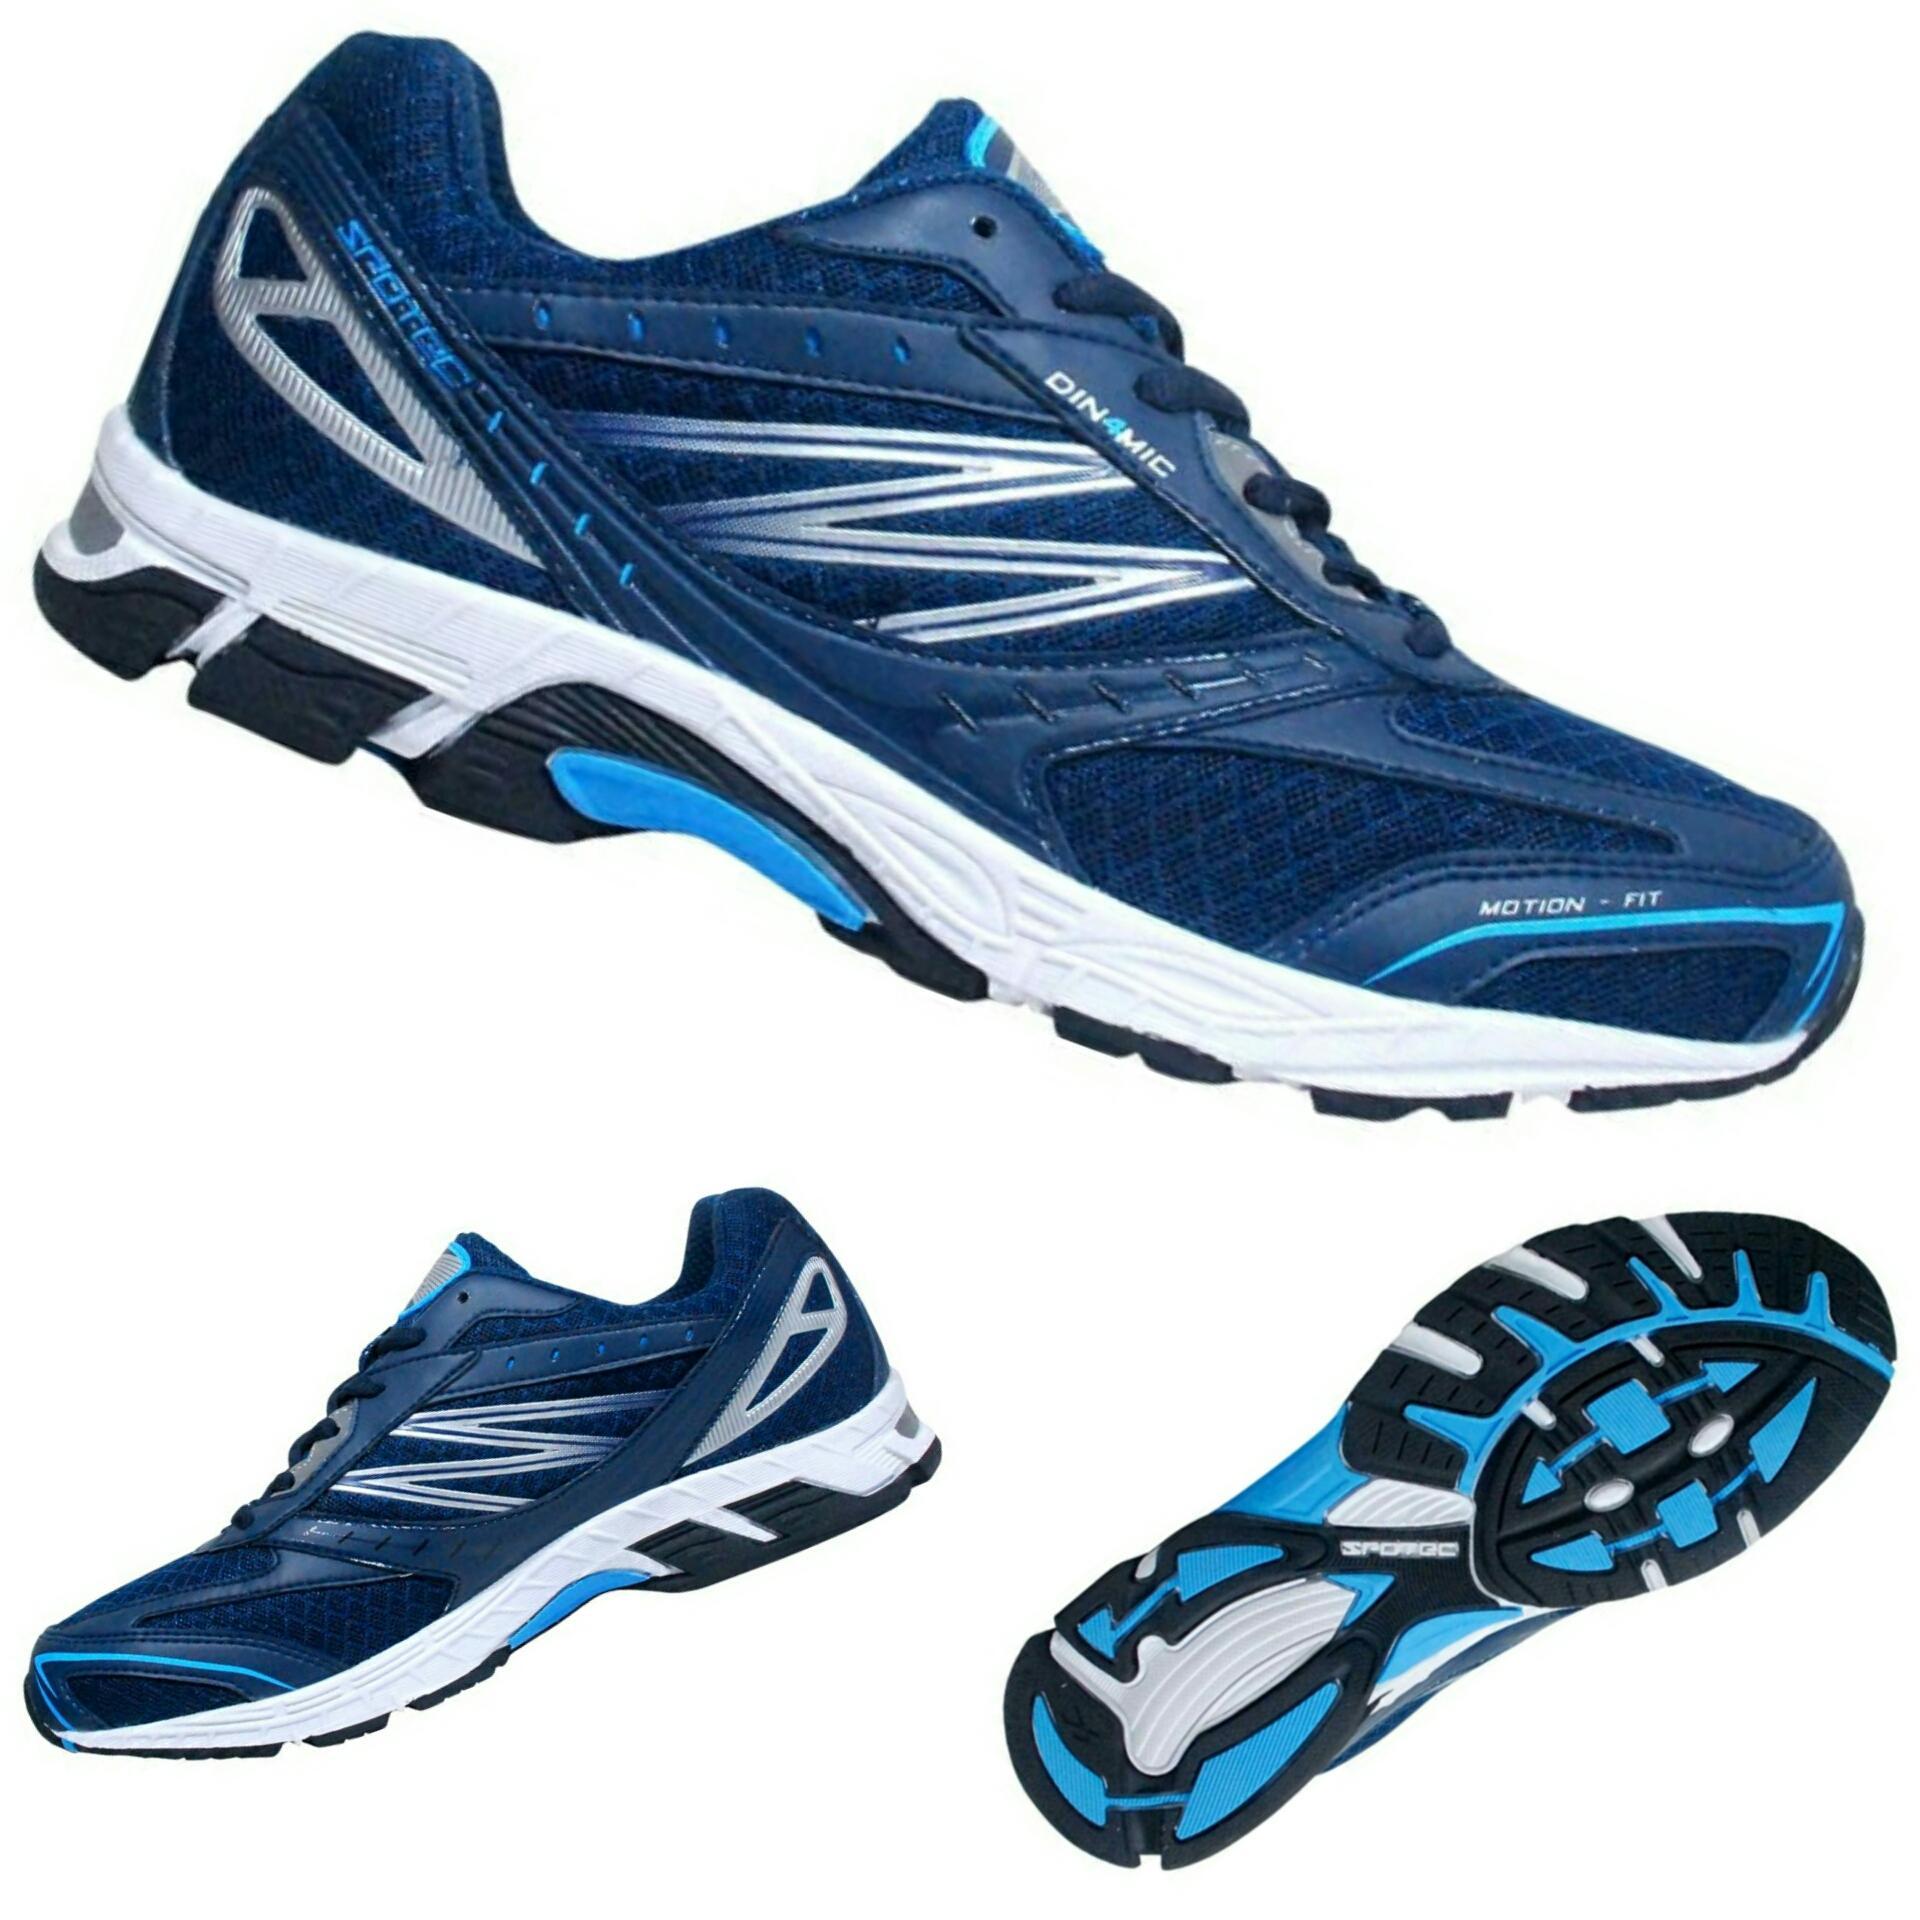 Spotec Maxima Sepatu Lari Abu Abu Tua Biru - Daftar Harga Terlengkap ... 64e244ebab